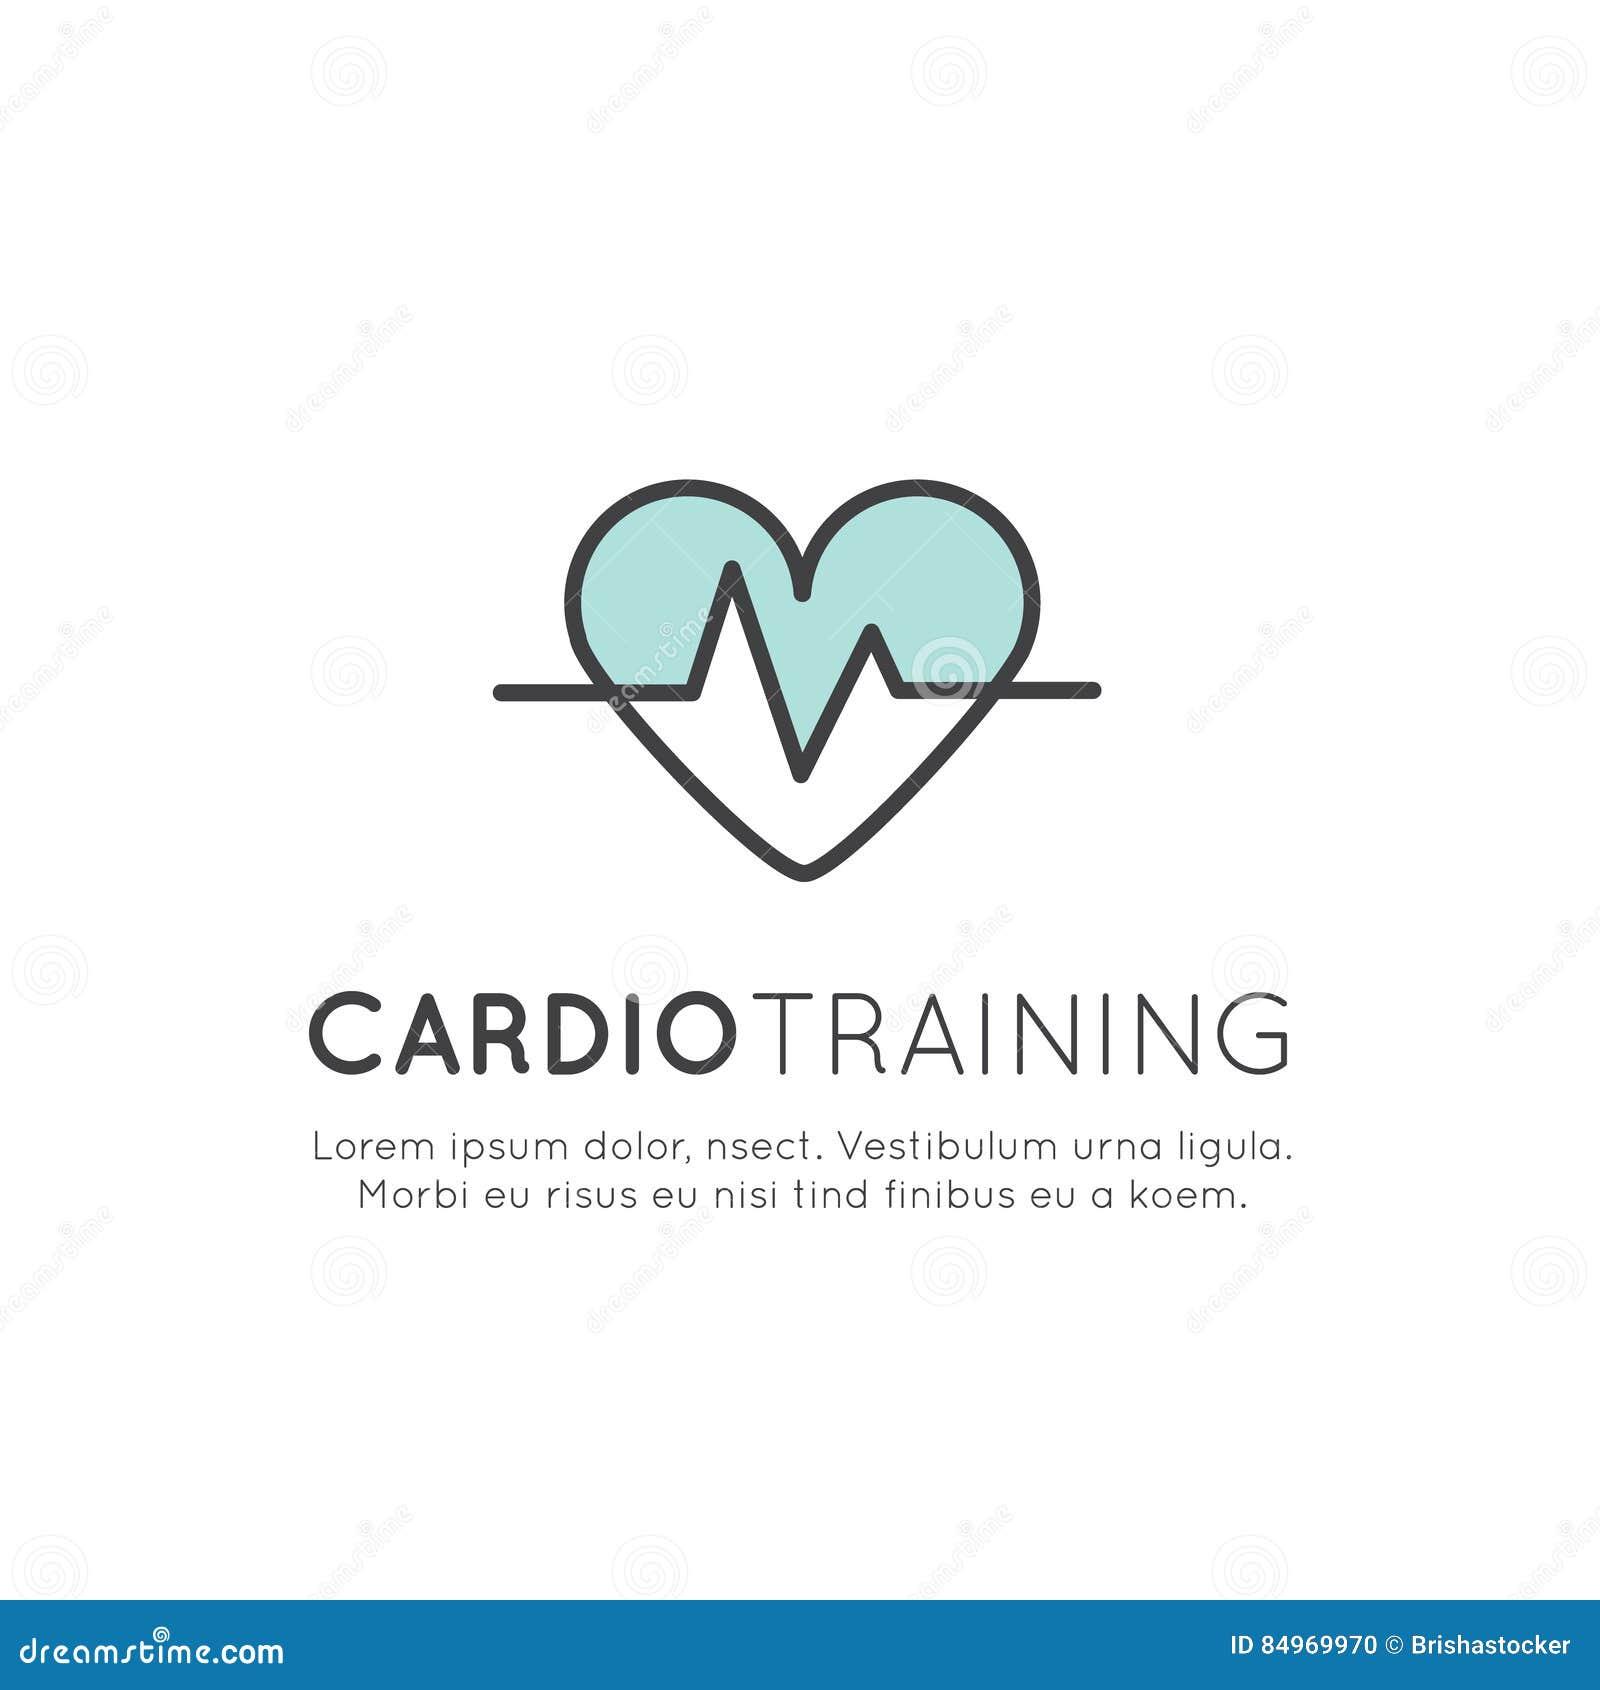 Illustration Logo Of Cardio Training